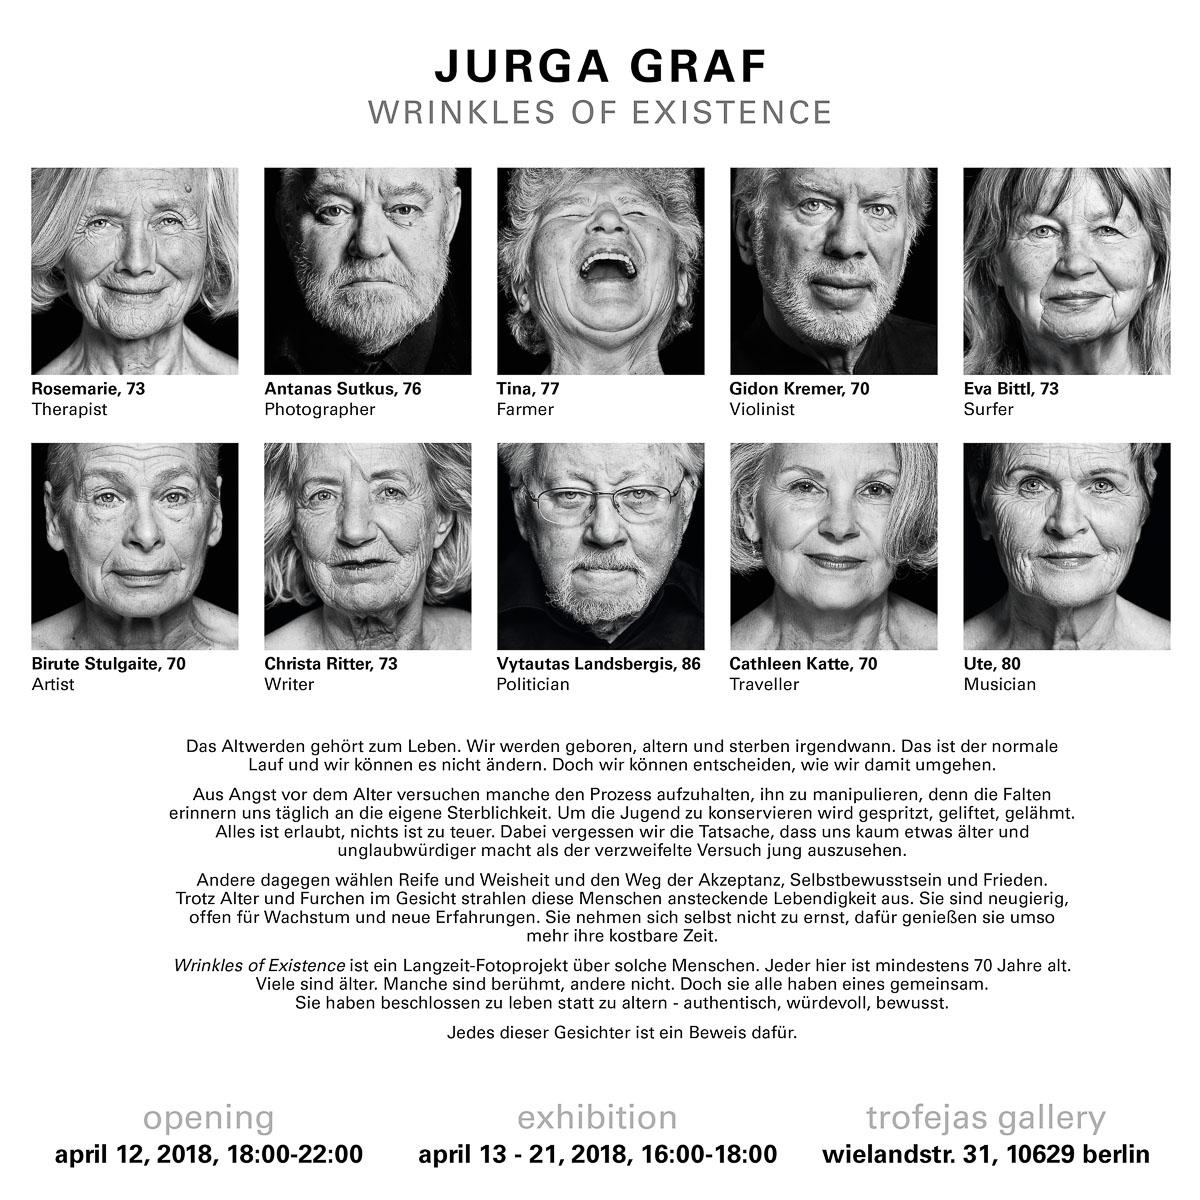 Jurga Graf